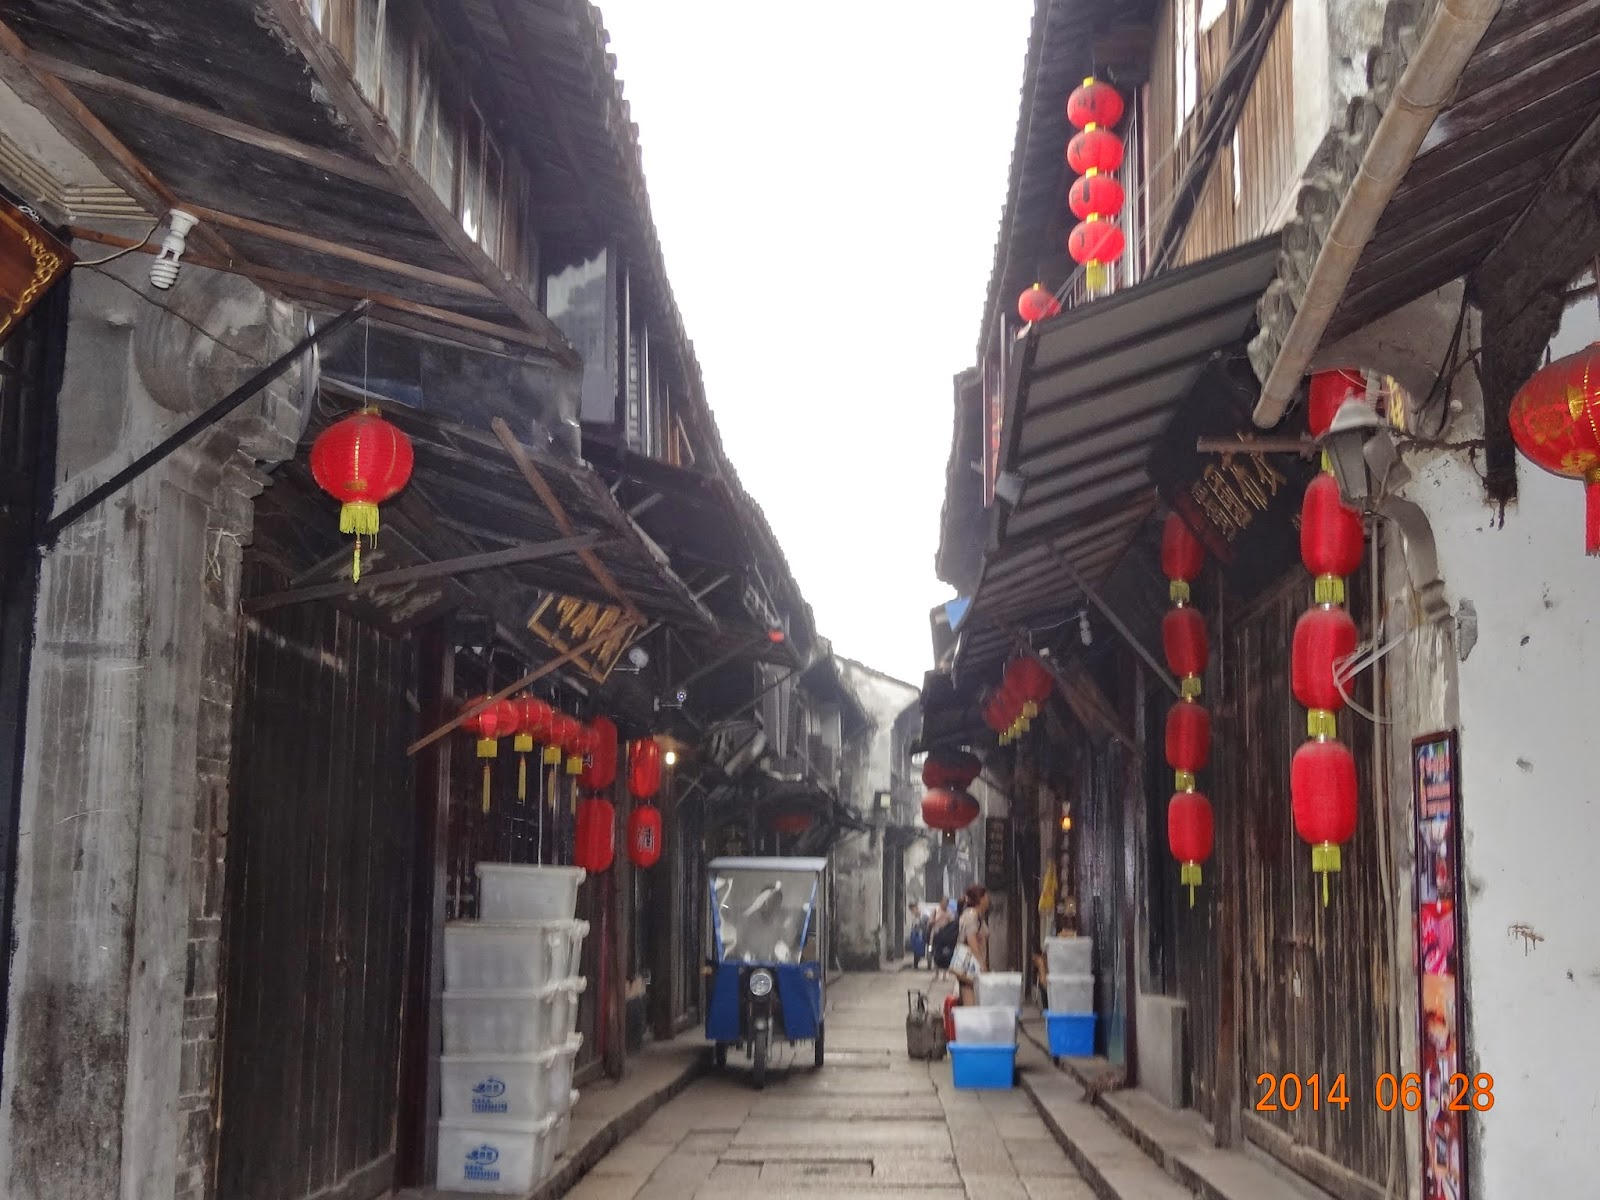 H&D幸福小屋: 2014上海.浙江自由行(62)西塘古鎮景點(六)西園,環秀橋